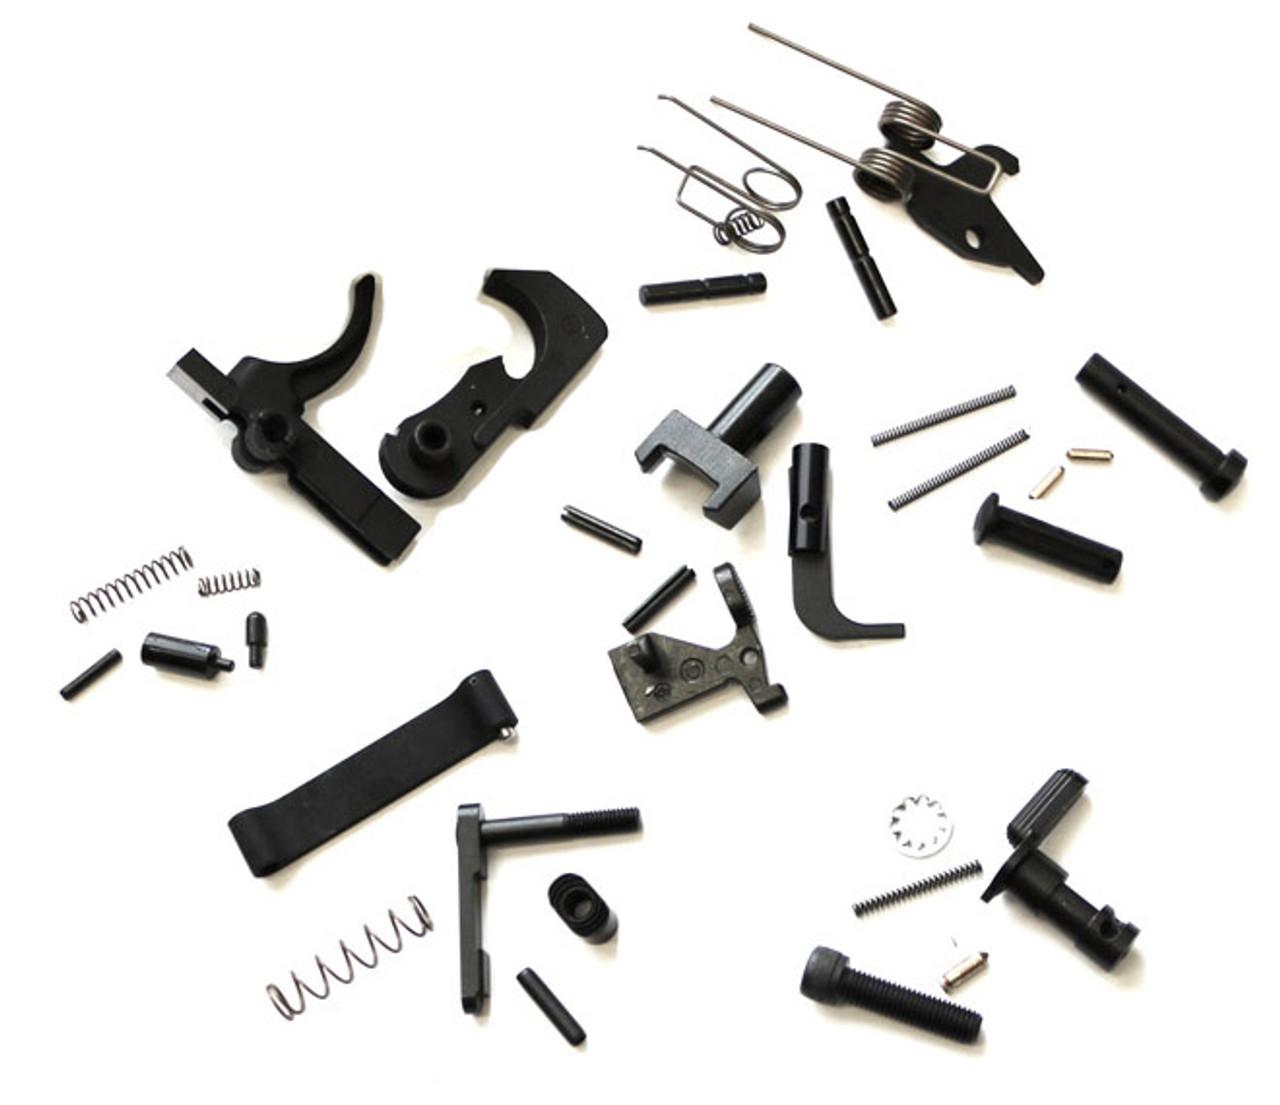 9MM Colt Lower Parts Kit